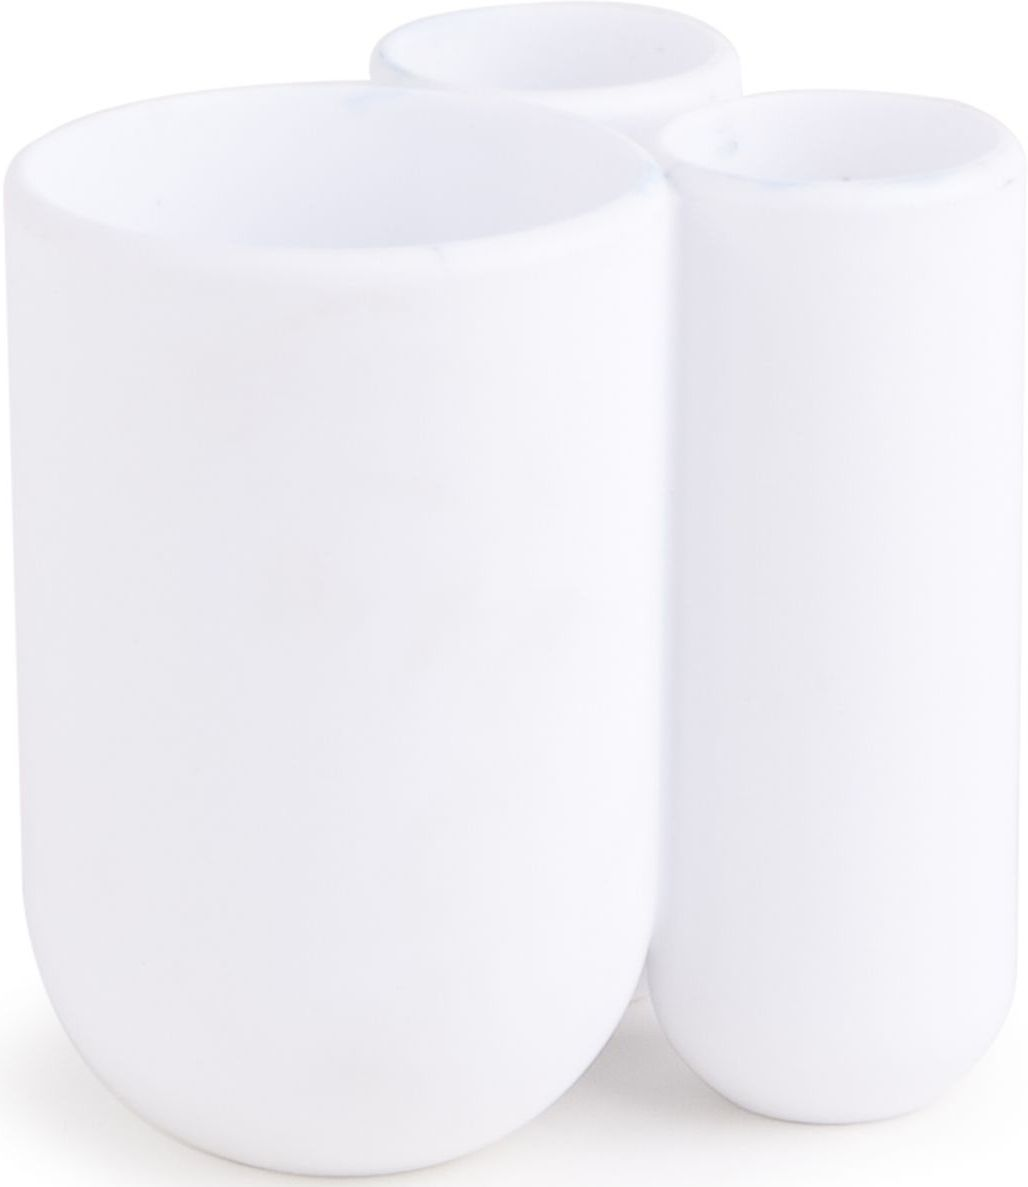 Стакан для зубных щеток Umbra Touch, цвет: белый, 10 х 7 х 8 см74-0060Функциональность подставки для зубных щеток неоспорима - где же еще их хранить. А вот как насчет дизайна? В Umbra уверены: такой простой и ежедневно используемый предмет должен выглядеть лаконично, но необычно. Ведь в небольшой ванной комнате не должно быть ничего вызывающе яркого. Немного экспериментировав с формой, дизайнеры создали подставку Touch, которая придется кстати в любом доме и вместит зубные щетки всех членов семьи и тюбик зубной пасты. Выполнена из приятного на ощупь пластика.